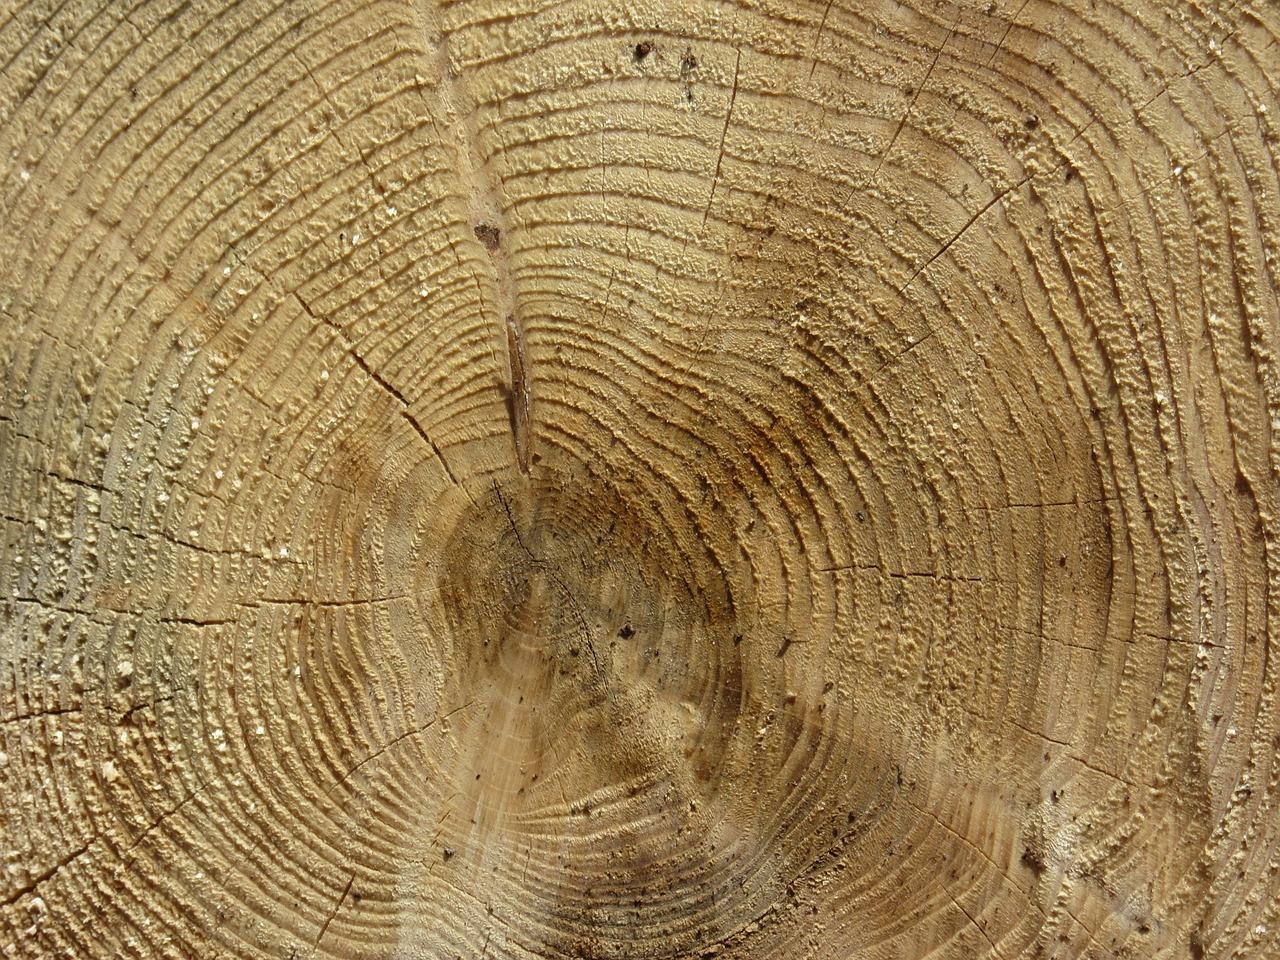 Годичные кольца деревьев - как образуются и что можно определить